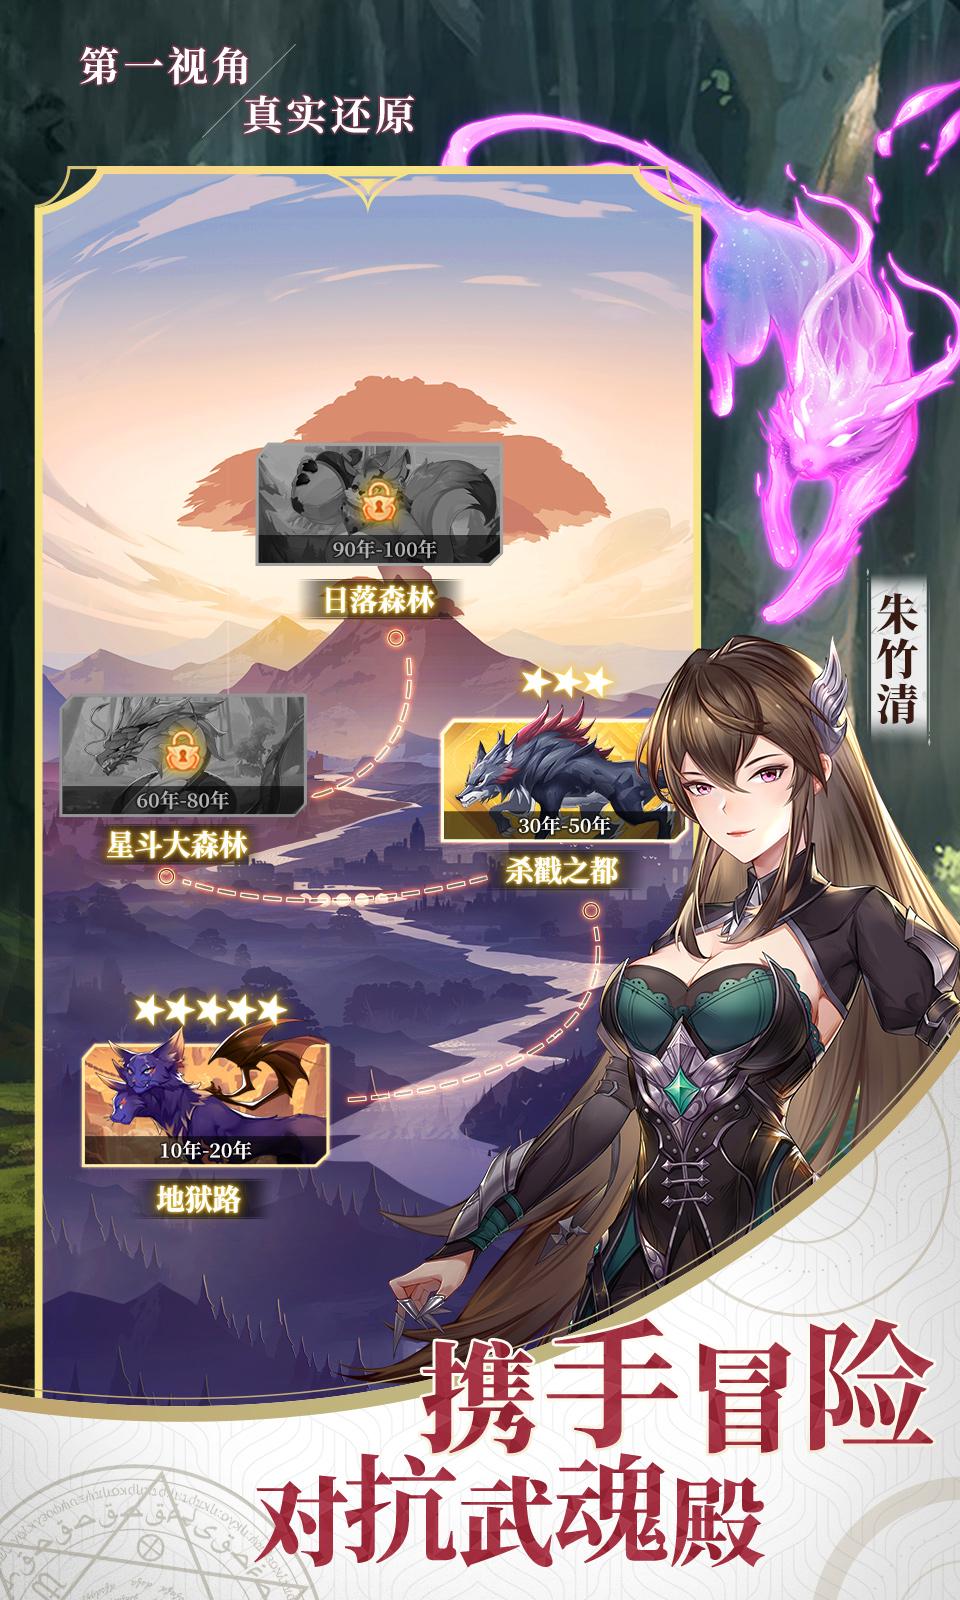 斗罗大陆:武魂觉醒游戏截图